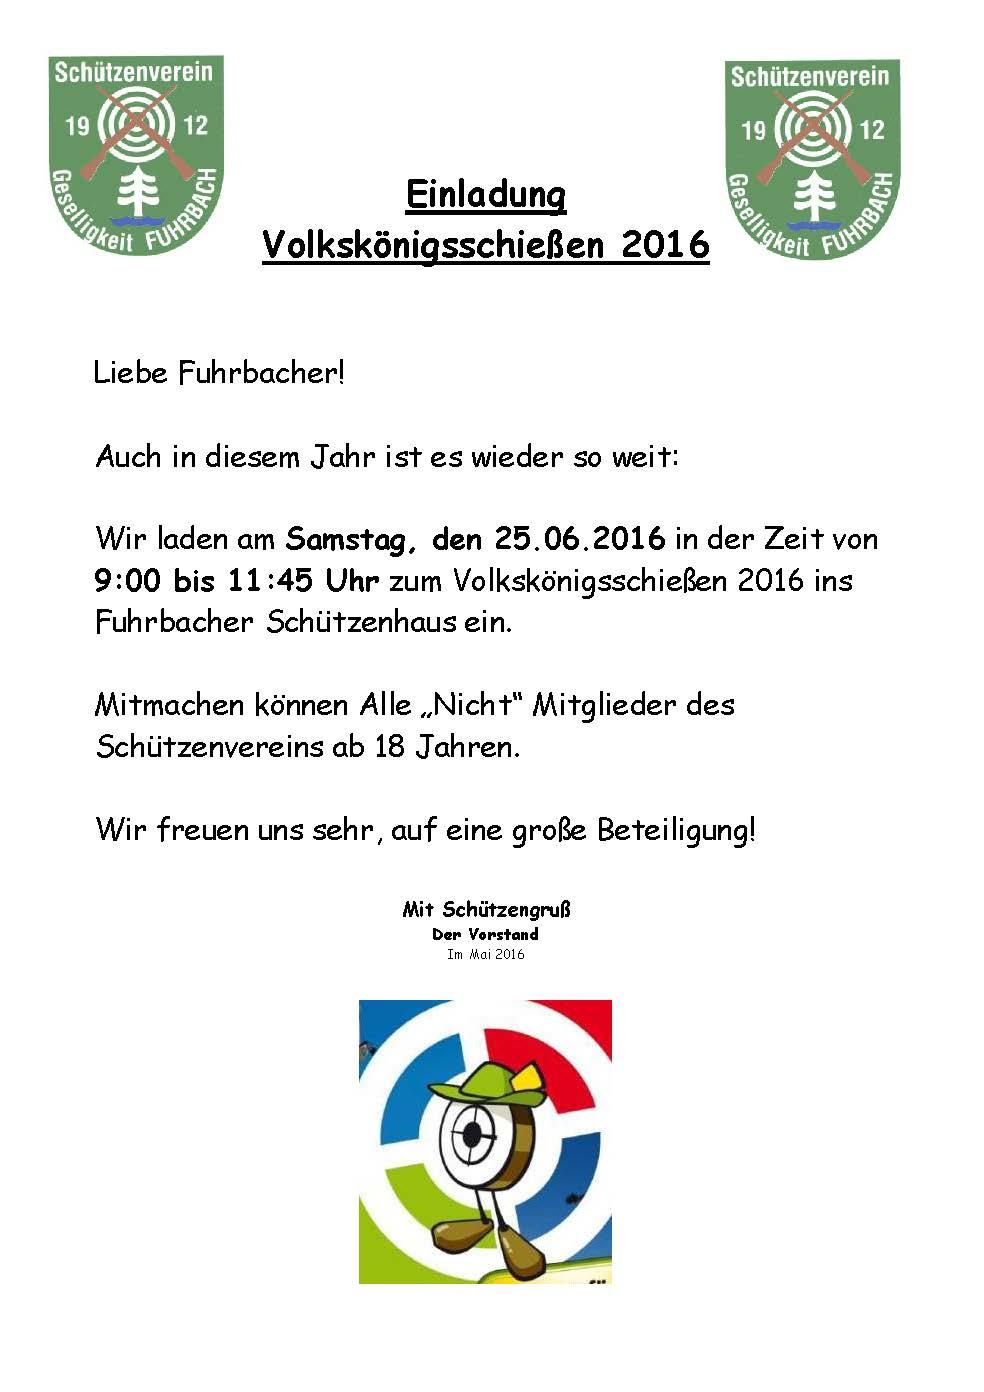 2016-06-25 Einladung Volkskoenigsschiessen